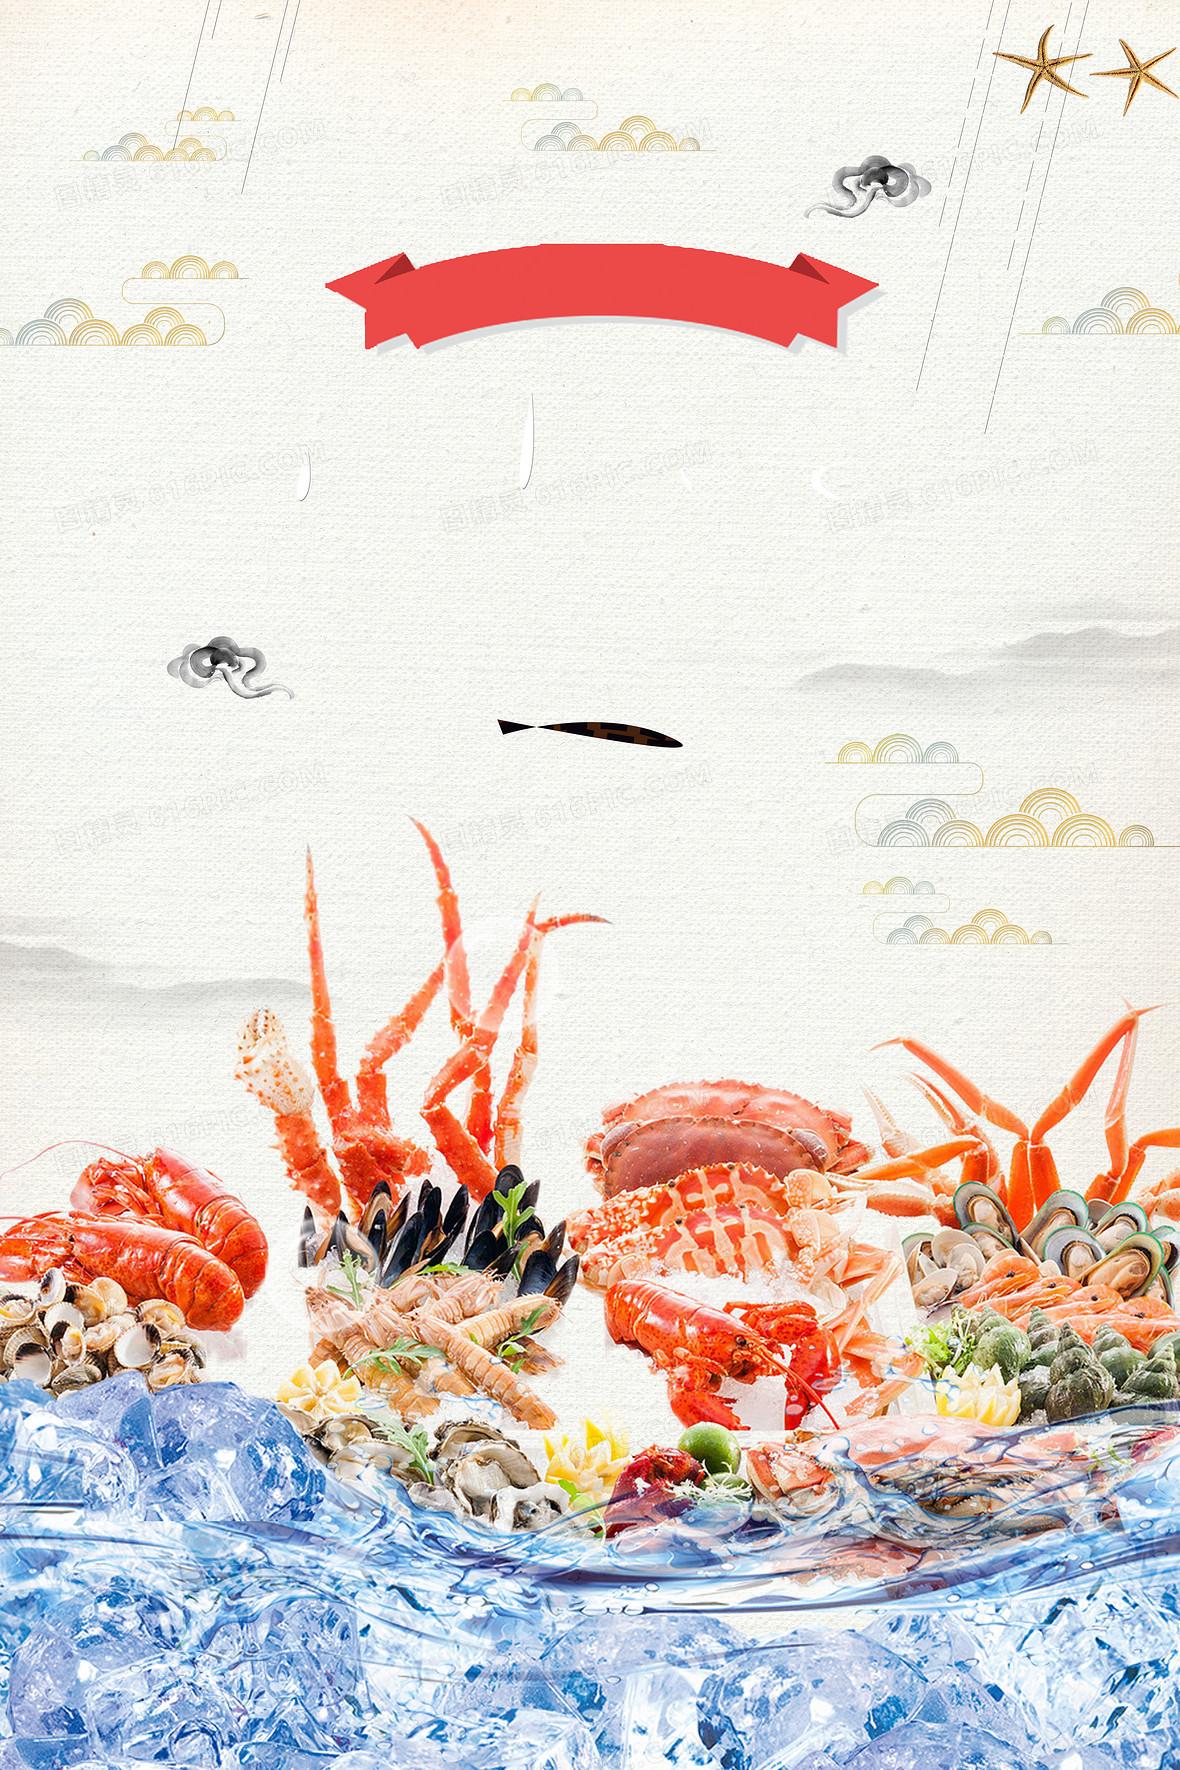 海鲜特价活动宣传广告海报背景素材